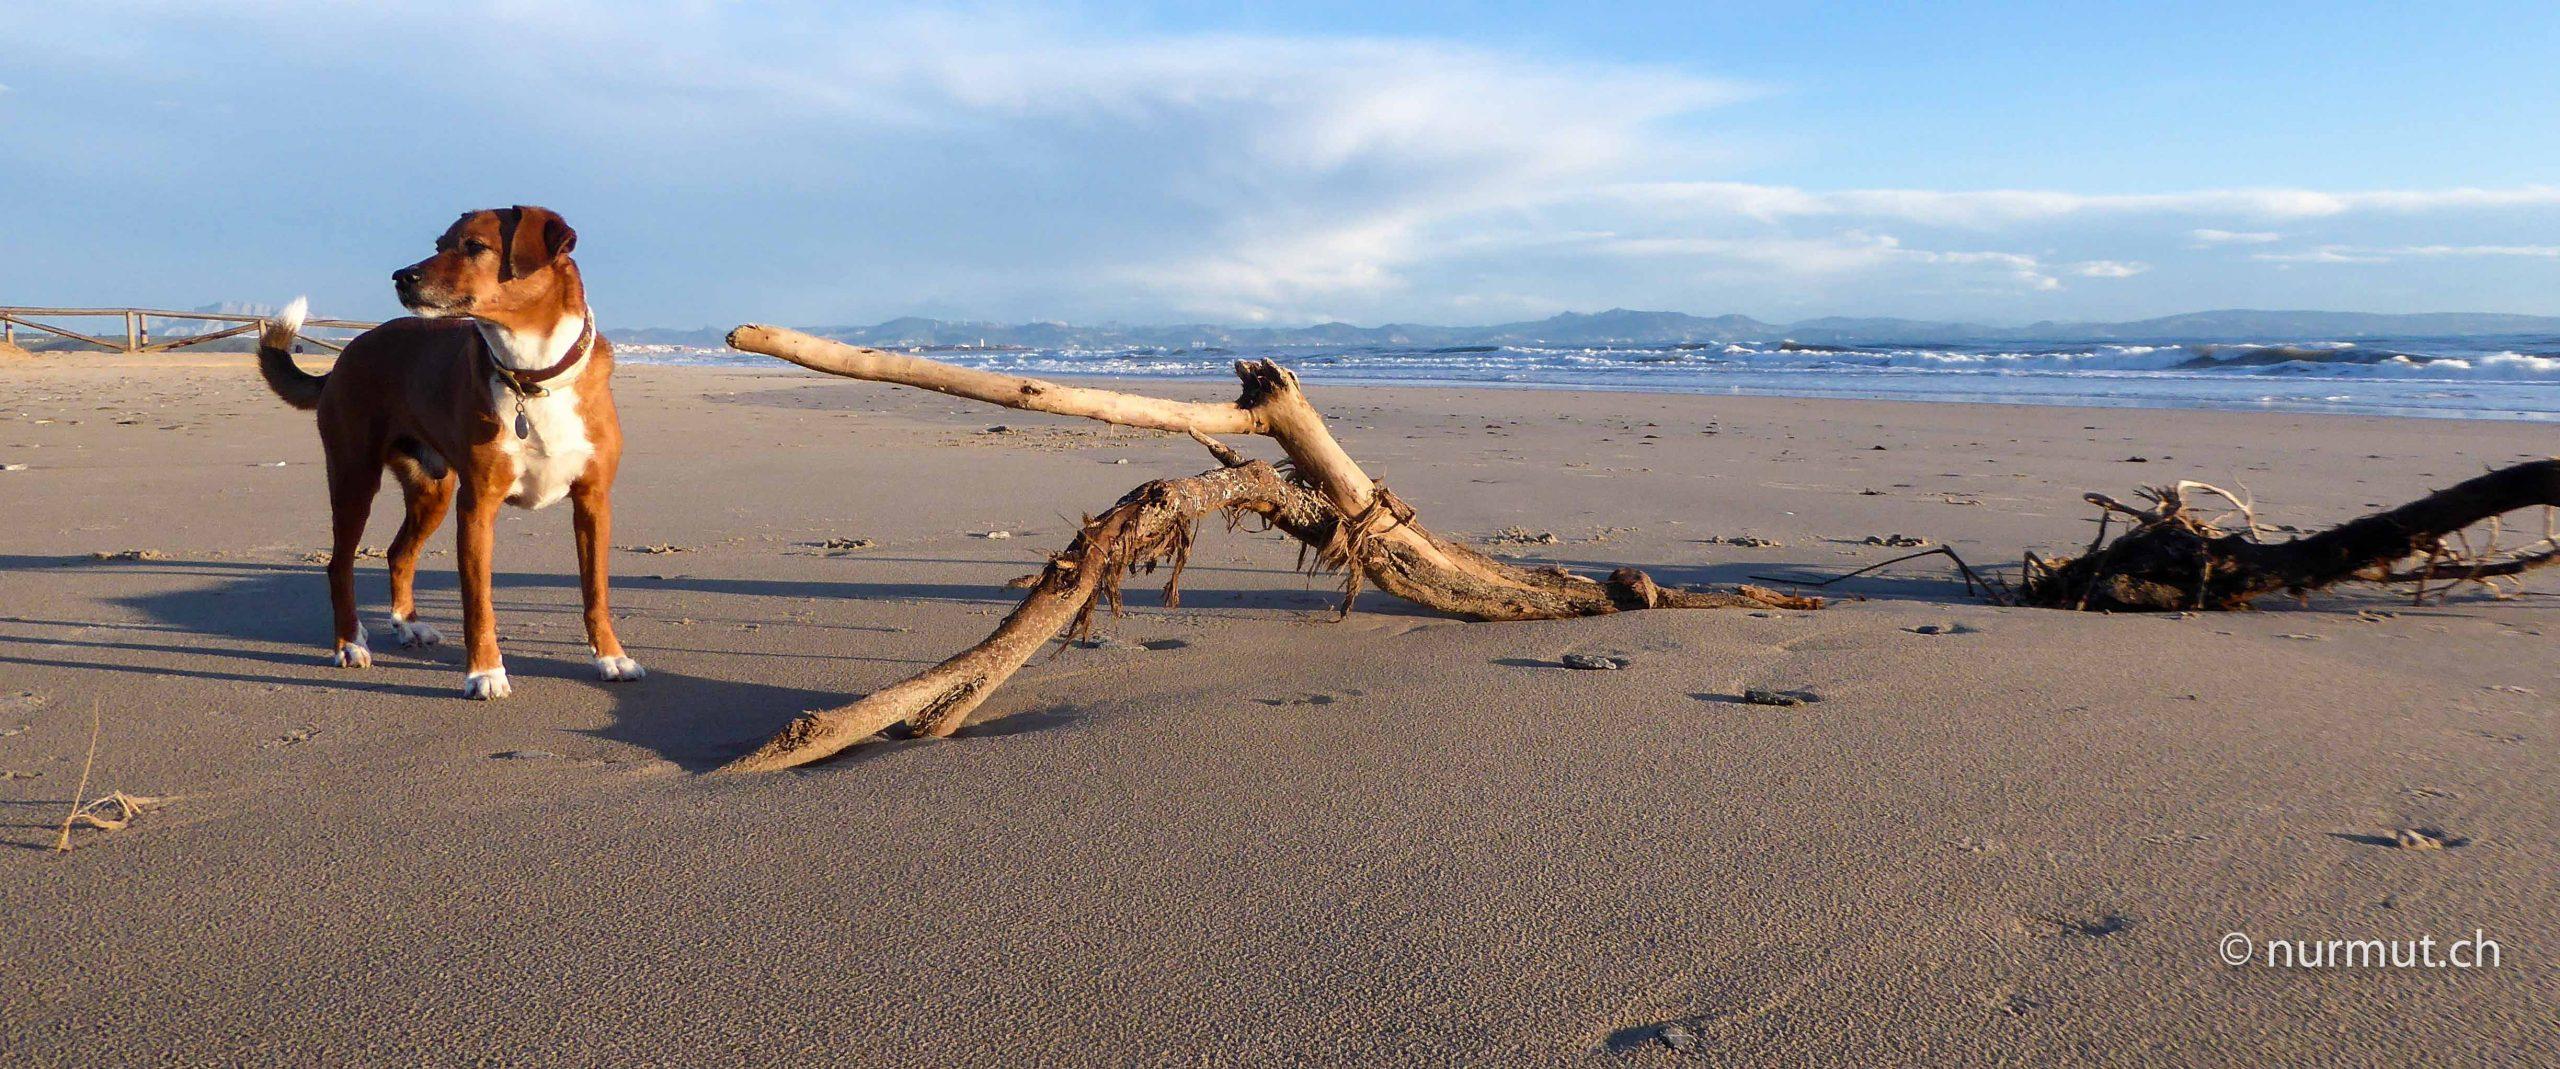 das-unbekannte-spanien-Tarifa-strand-hund-marokkanische-küste